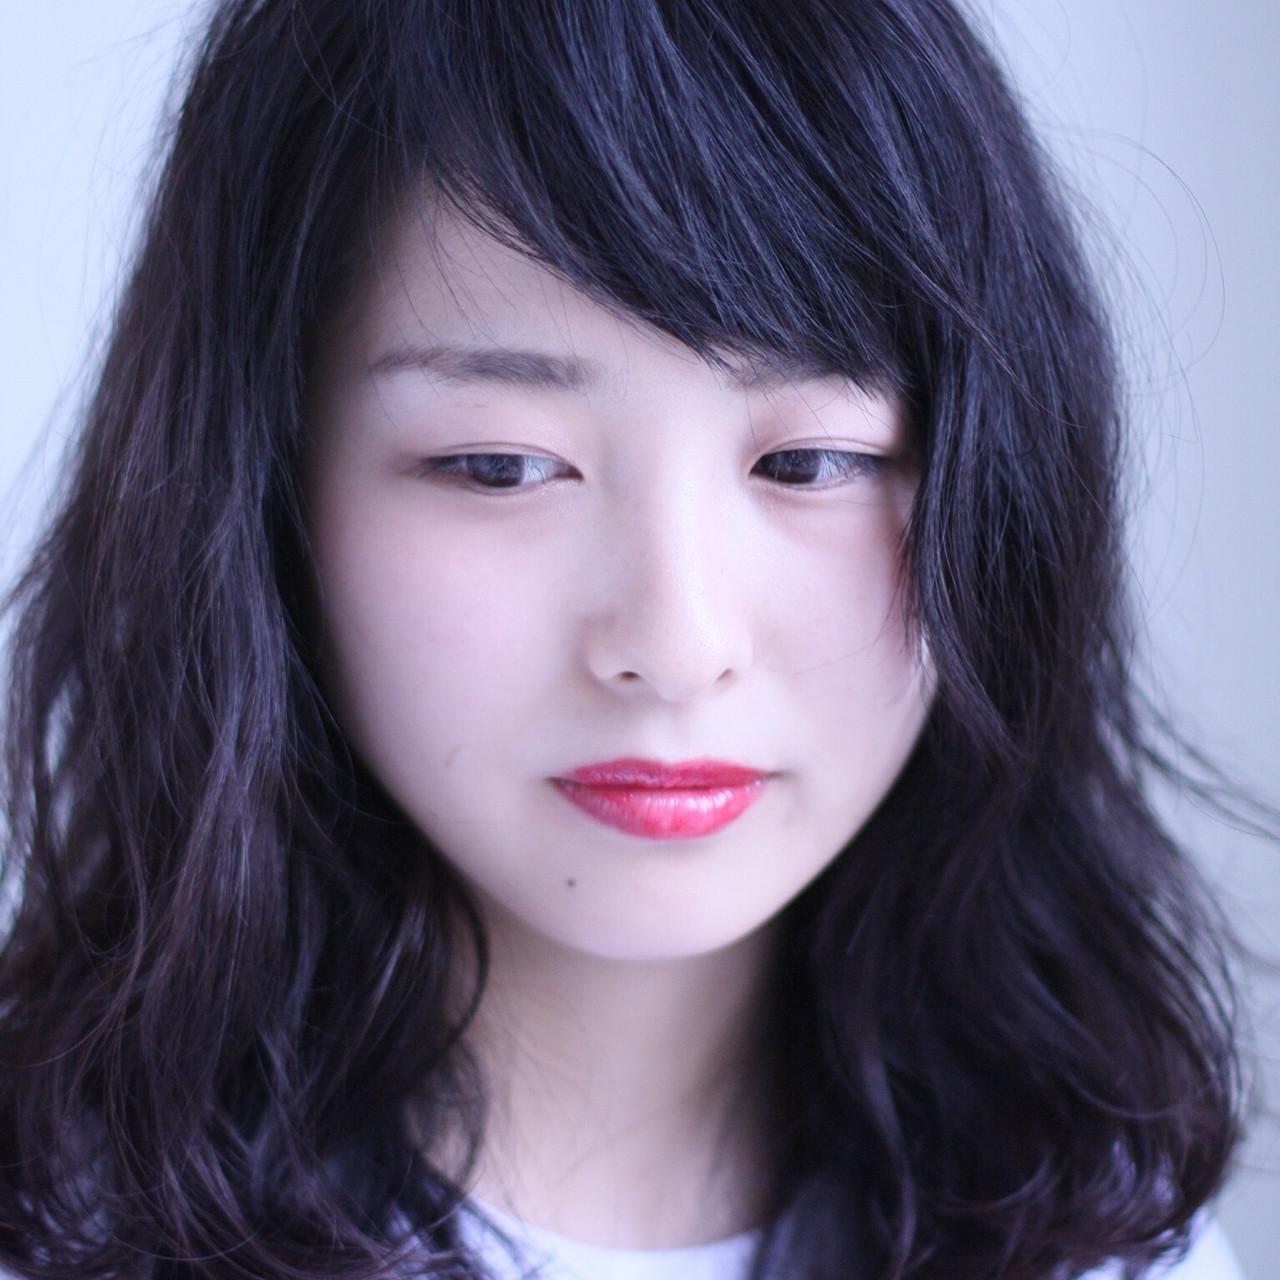 【顔型別】髪型に迷うなら顔の形で決める♡おすすめヘアスタイル集 コバヤシ アキラ